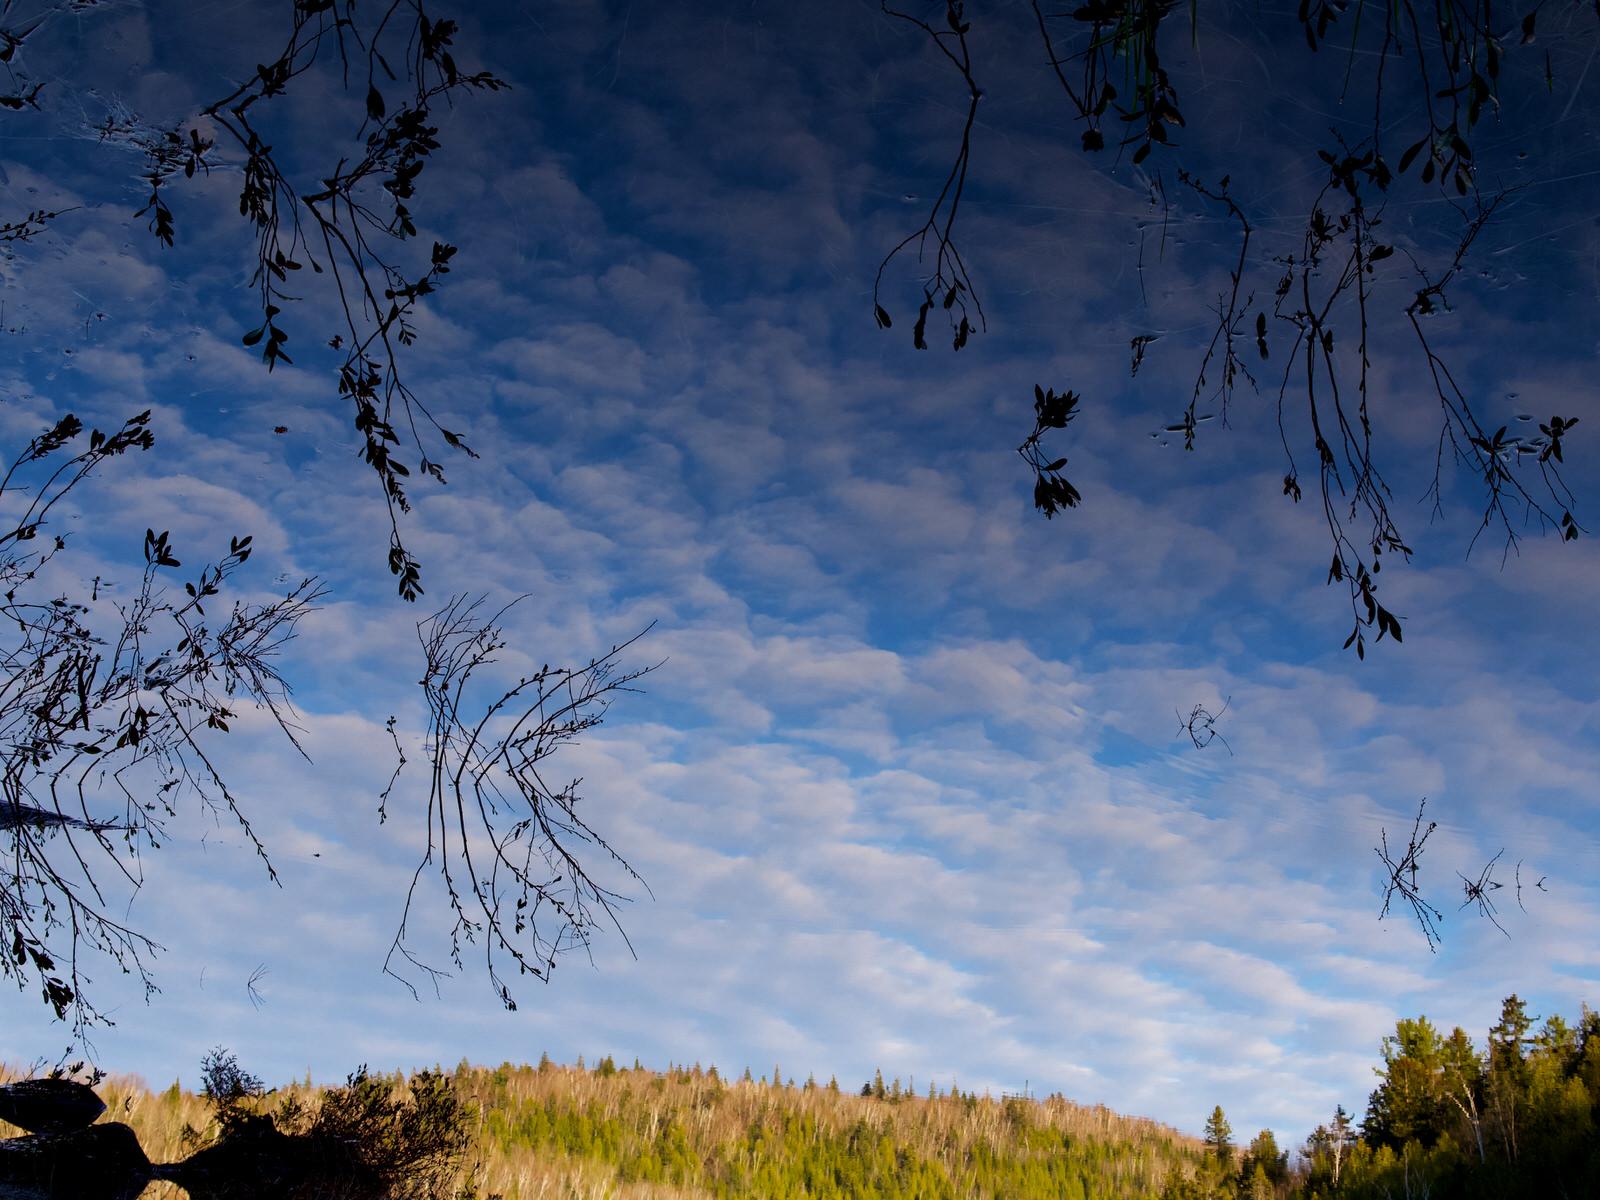 Reflet de nuages sur un lac